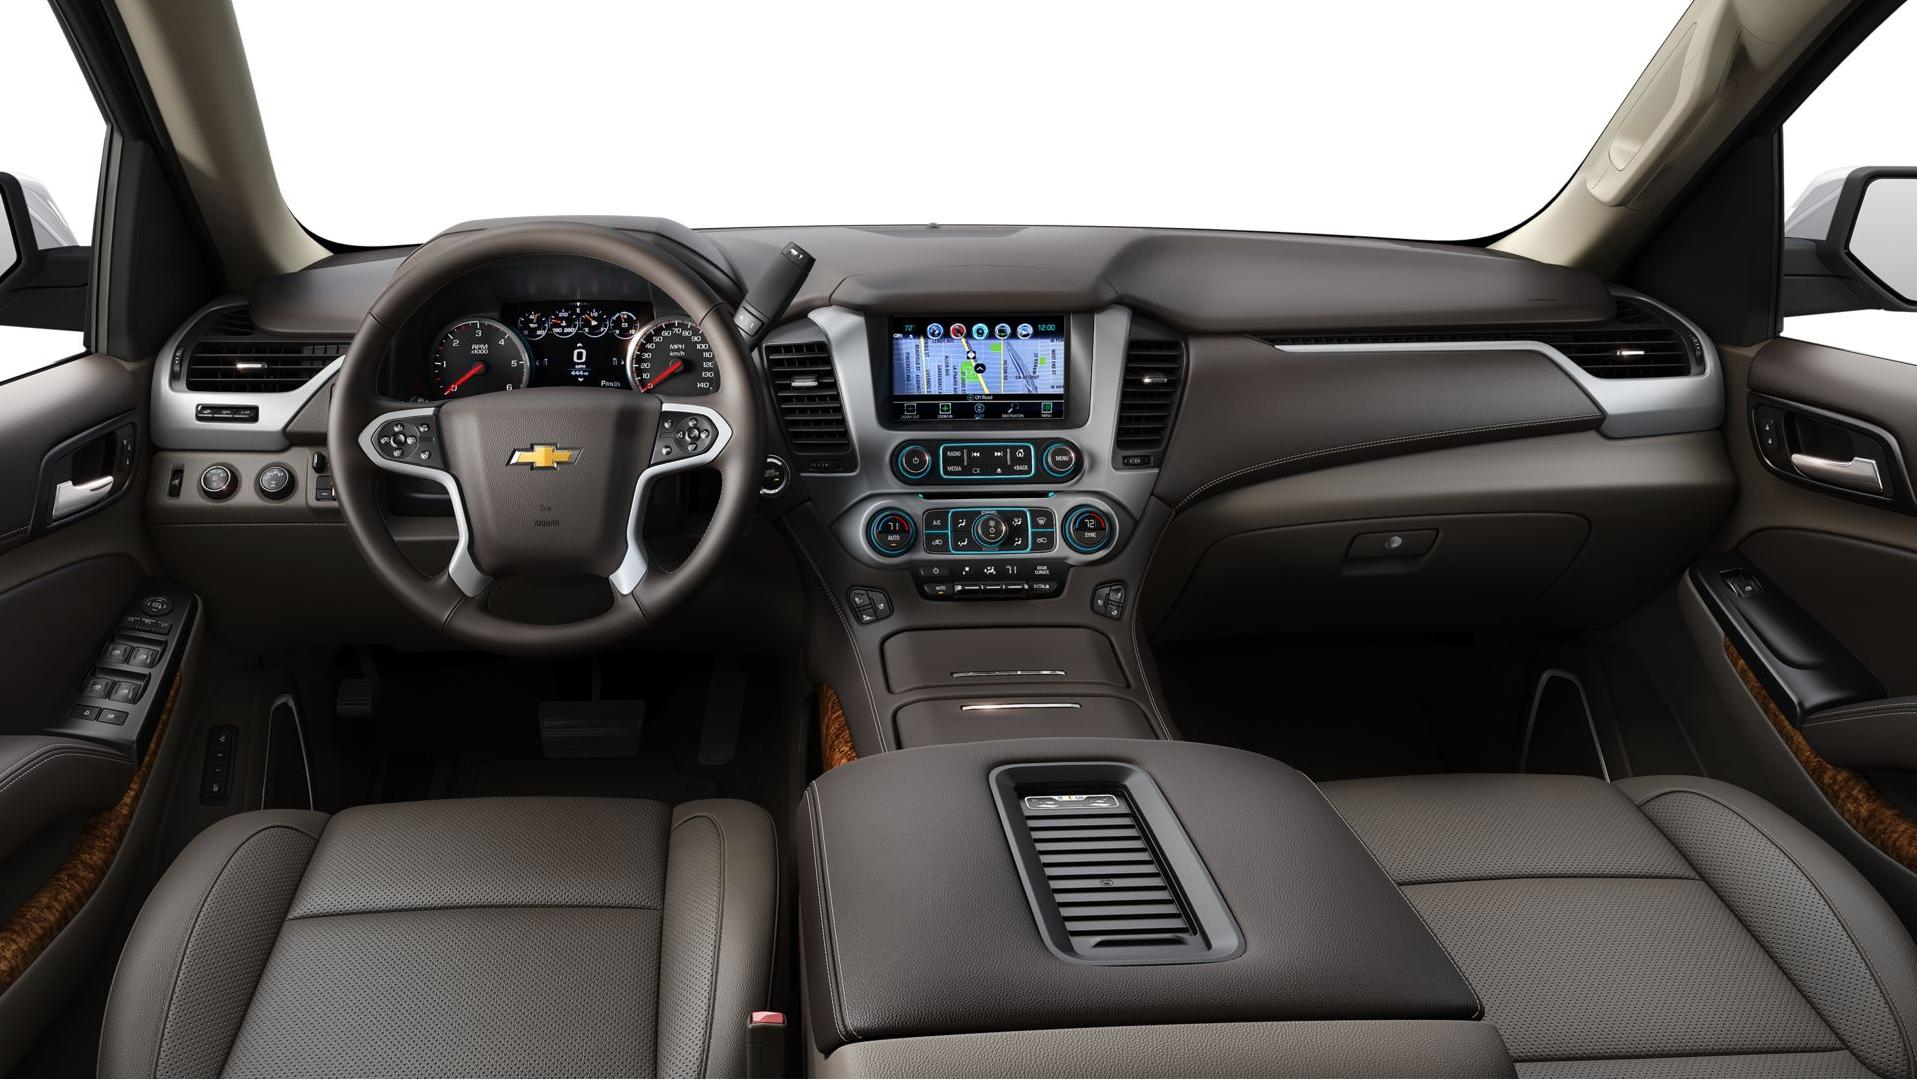 Image via Chevrolet.com, Cocoa/Dune Interior